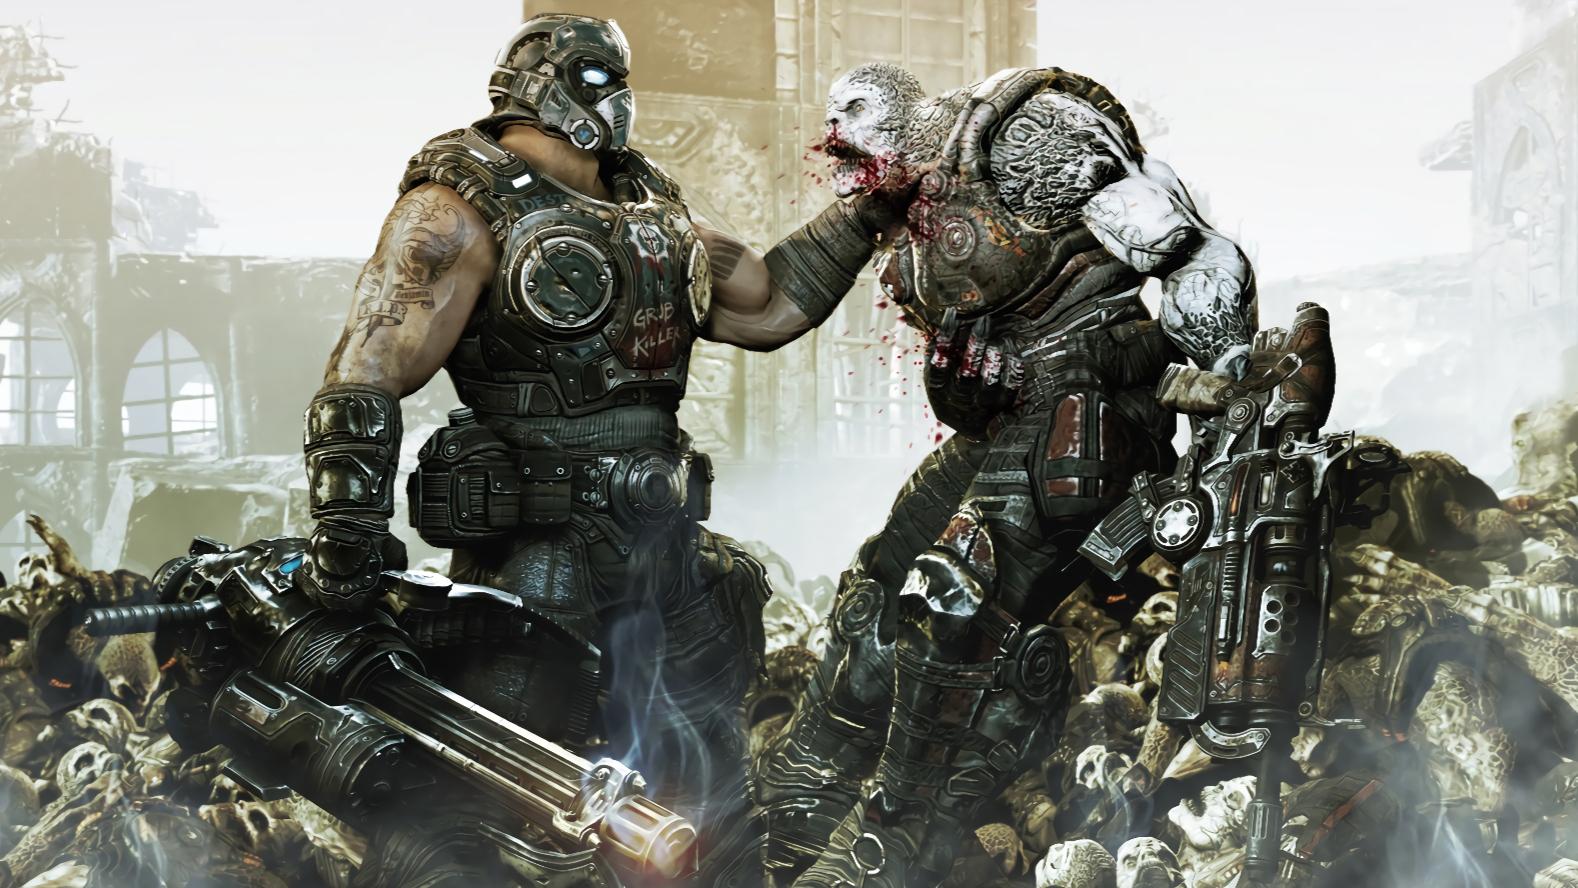 【达奇】你怎么回事,小老弟?弹尽粮绝的人类如何力挽狂澜-战争机器剧情